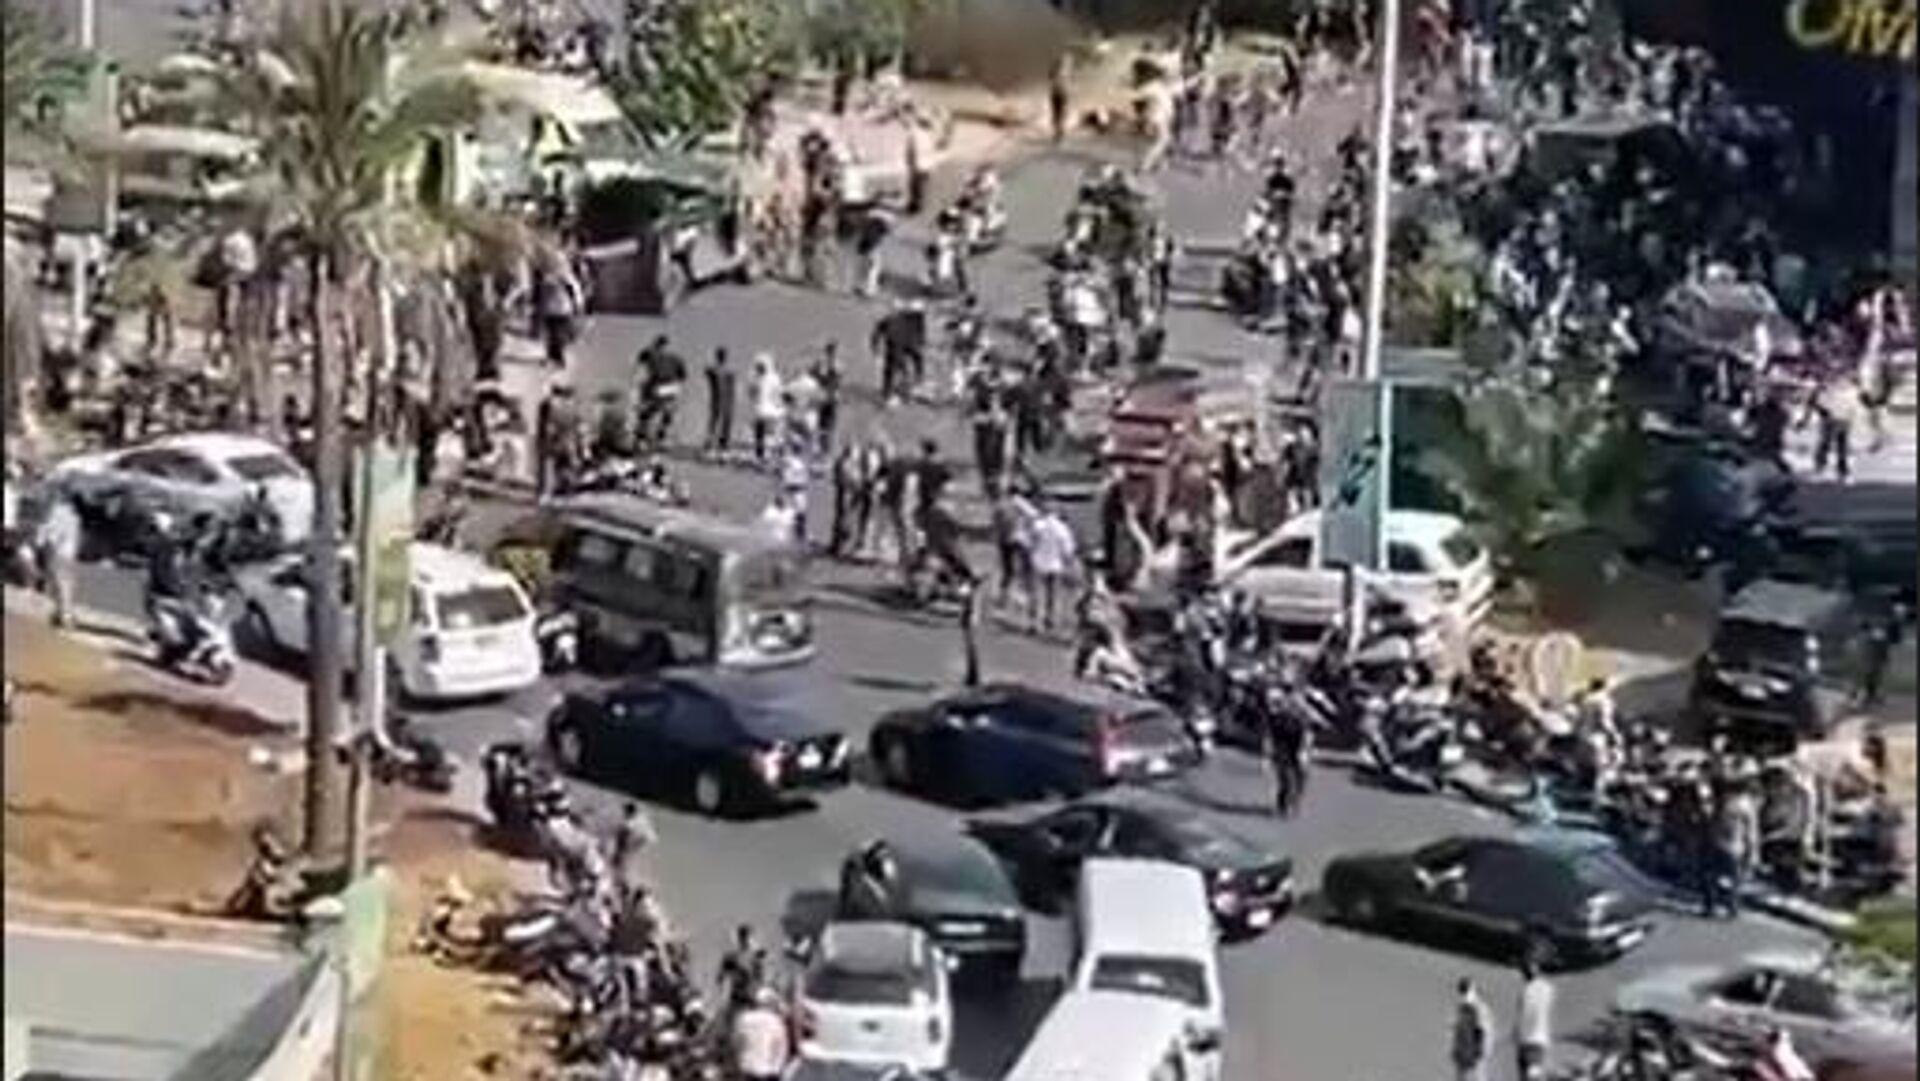 Συναγερμός στη Βηρυτό: Εκρήξεις και πυροβολισμοί - Sputnik Ελλάδα, 1920, 14.10.2021